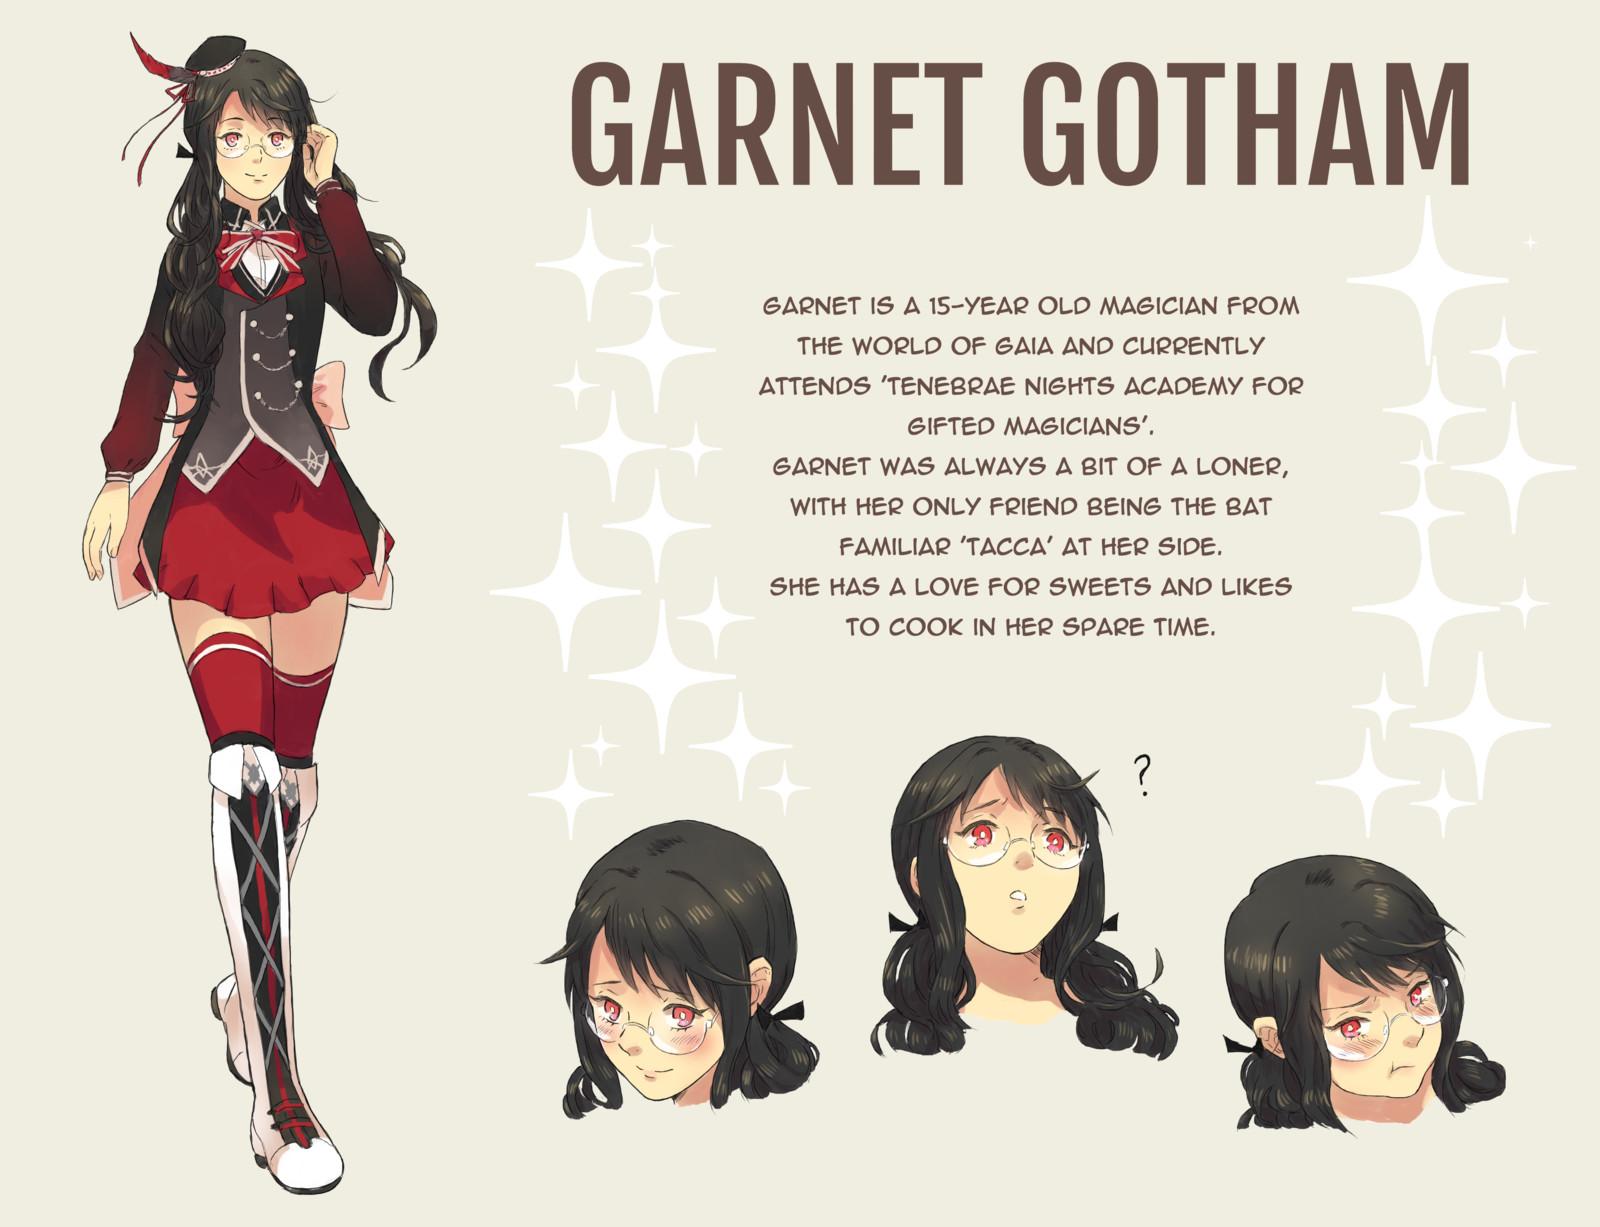 Garnet Gotham